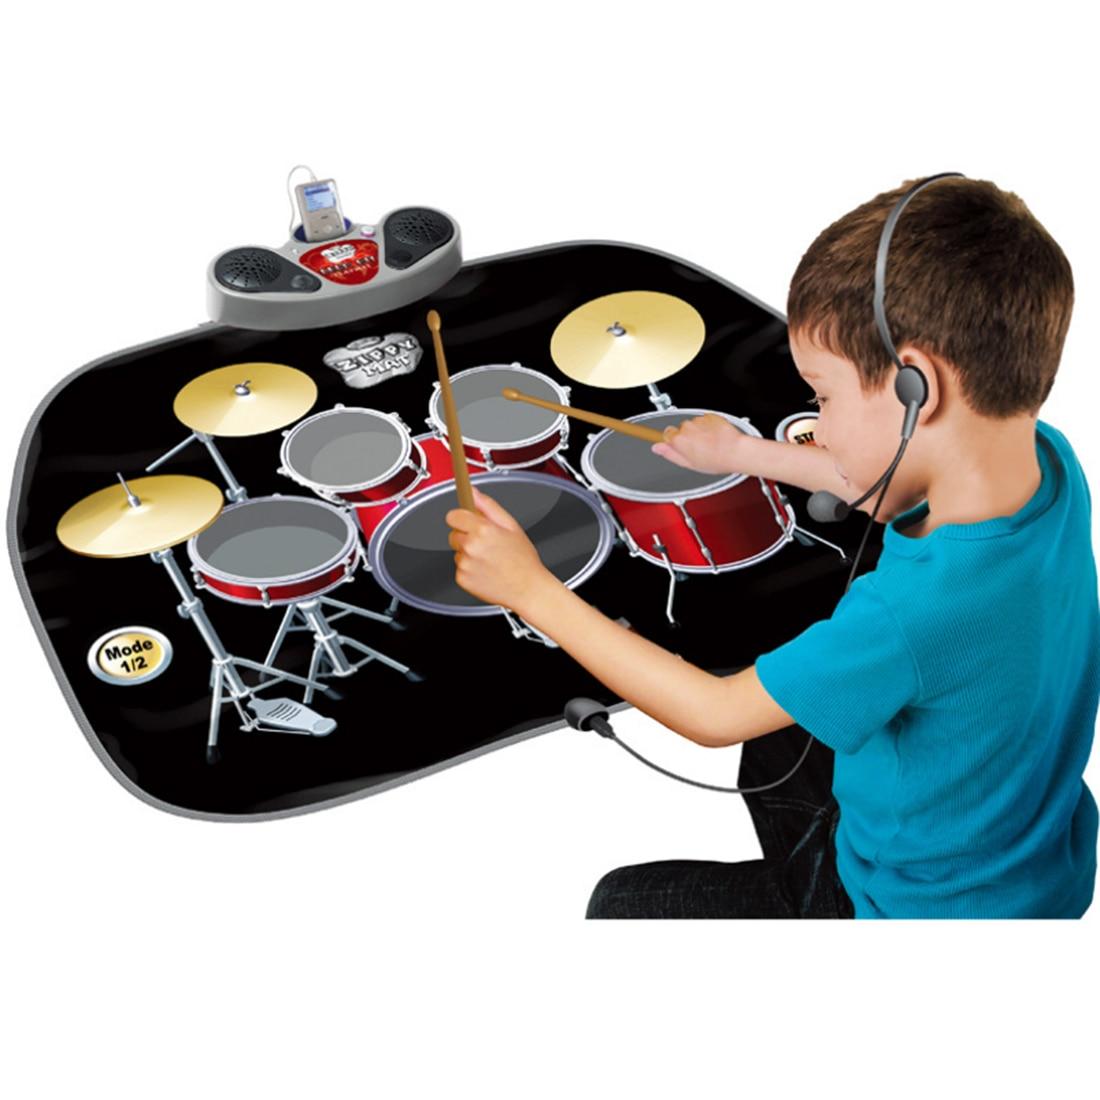 Surwish enfants début éducatif Instrument de musique multi-fonction Intelligence développement tambour jouet ensemble couverture pour les enfants